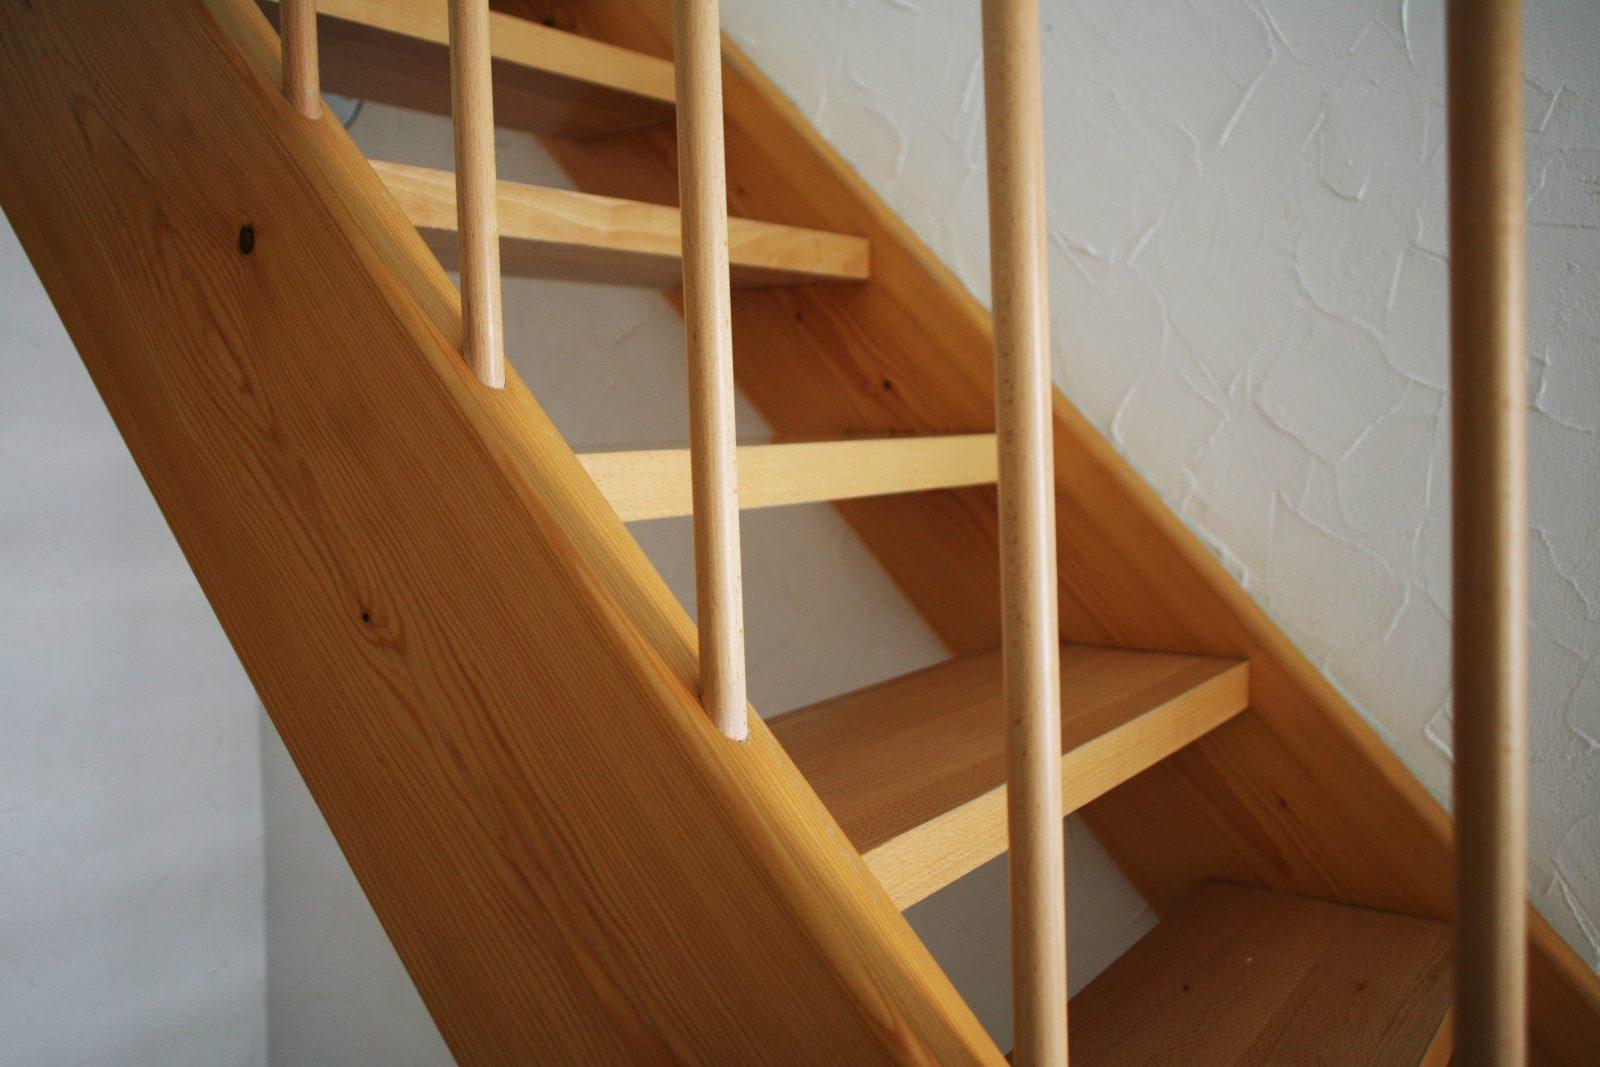 Gefahren Entfernen Kindersicherung Für Treppen von Kleine Treppe Selber Bauen Bild